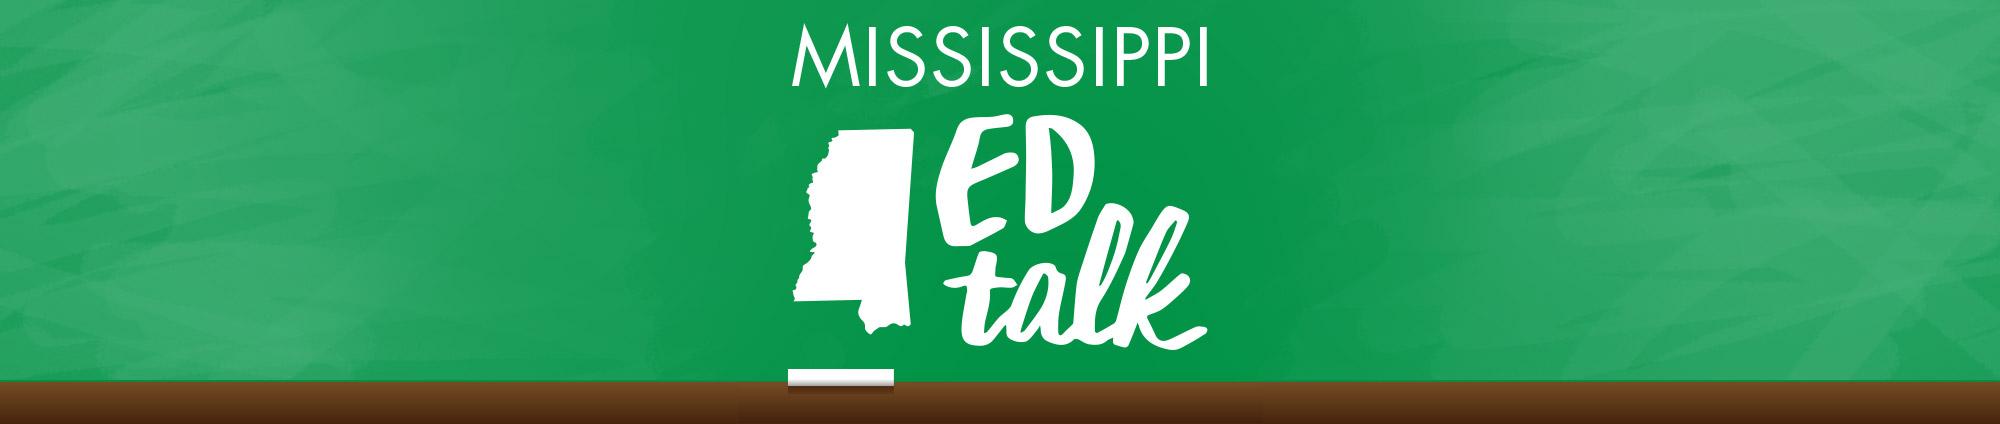 Mississippi Ed Talk: CS4MS - Part 1